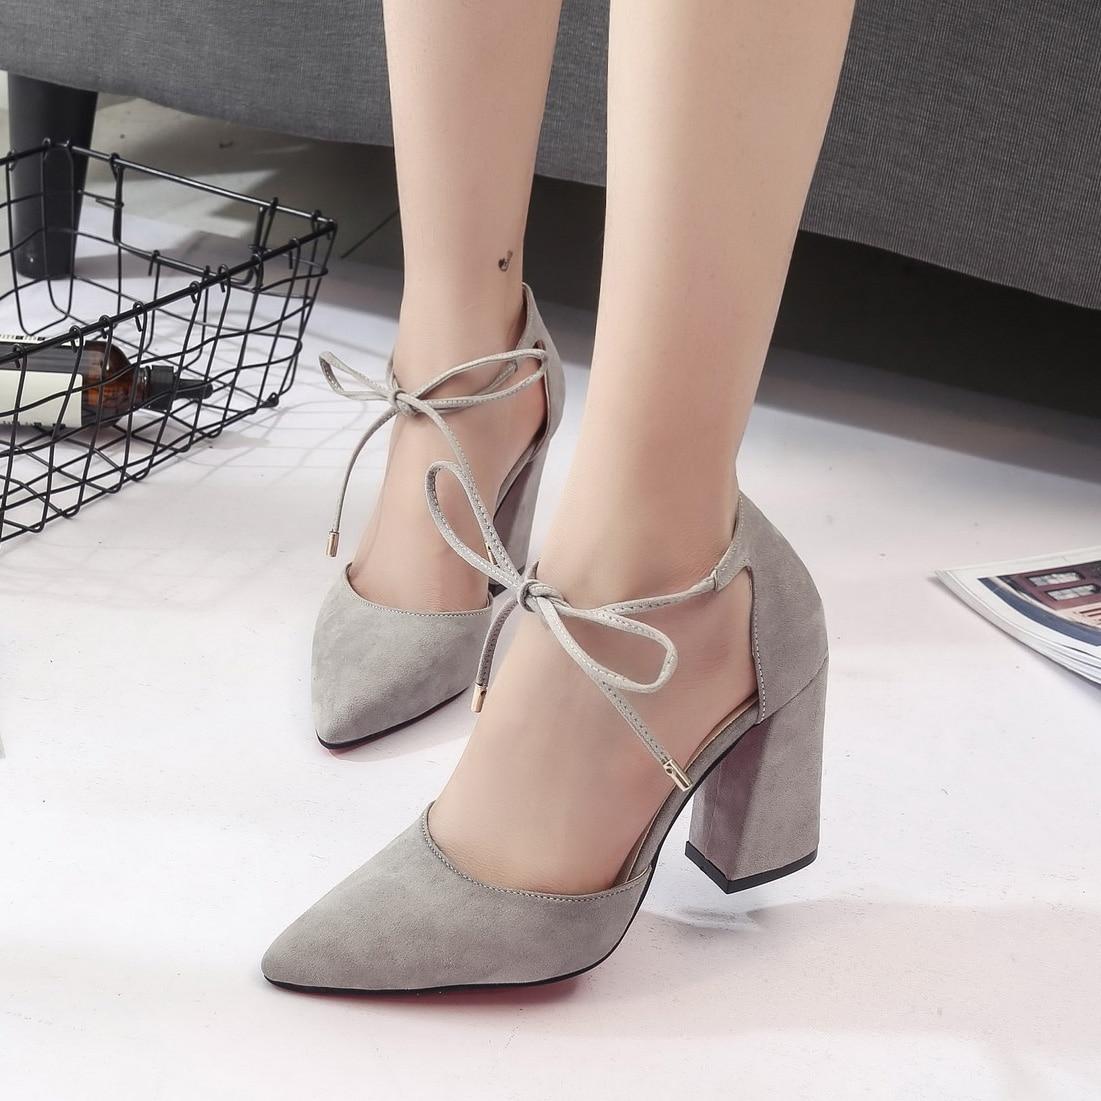 Negro Bombas Ate Vestir Verano gris Grueso Los 2017 Sexy Tacón 9 Zapatos Mujer Correa A084 De Tobillo Cm rosado Negro Arriba Alto Para n81TpU1XW